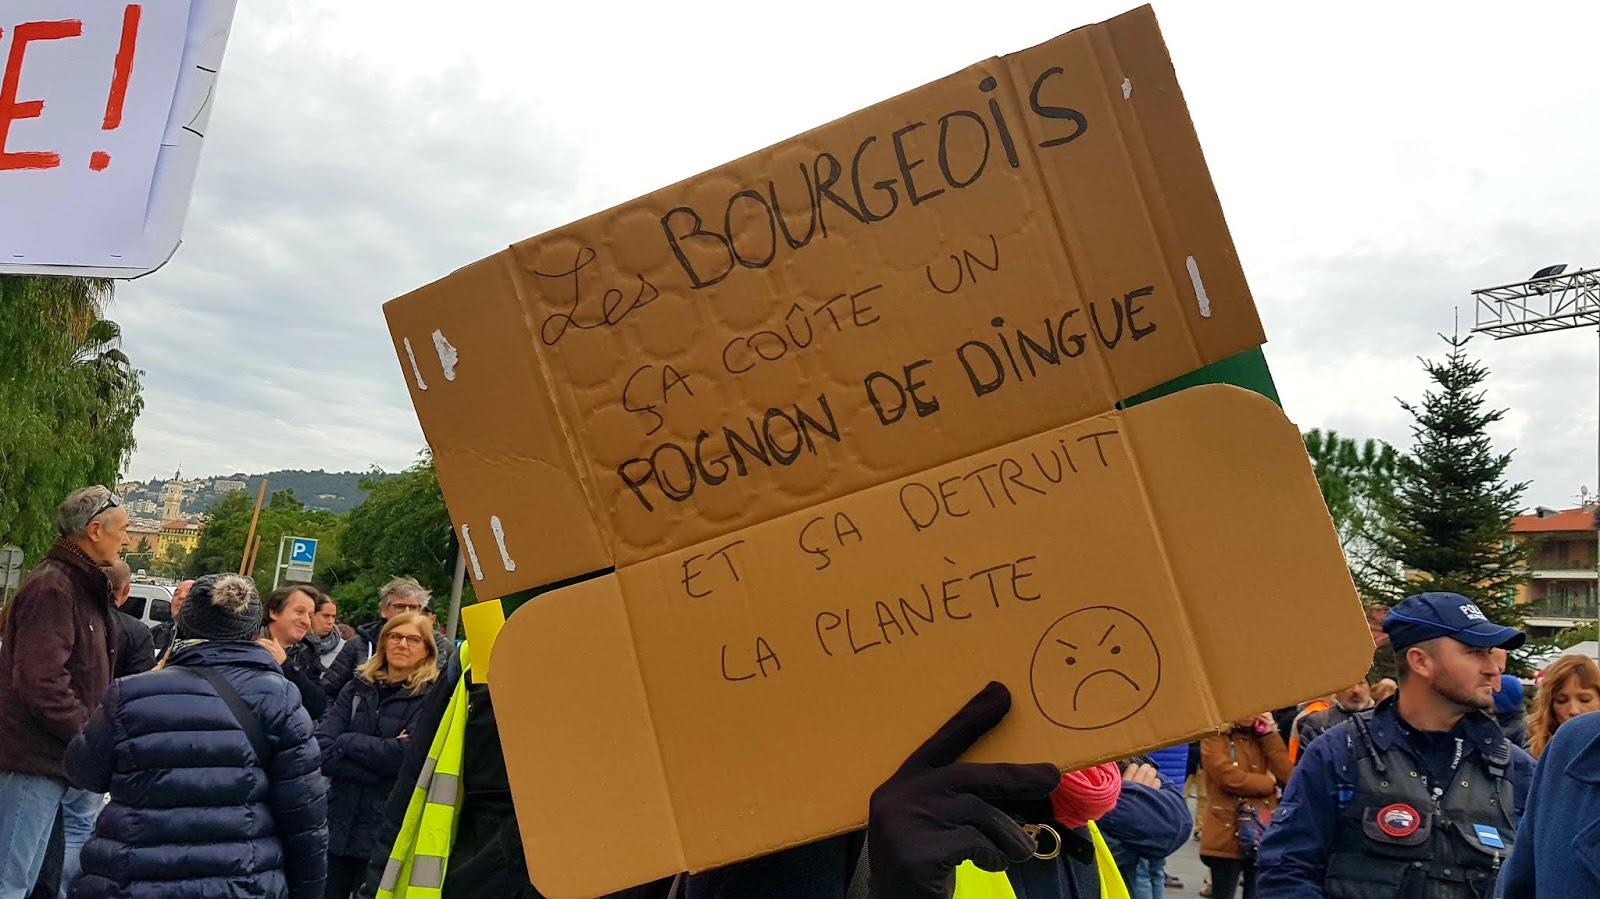 Manifestation contre la réforme des retraites à Nice, place Massena, le jeudi 5 décembre 2019 | © C.A. pour Rivieractu Magazine